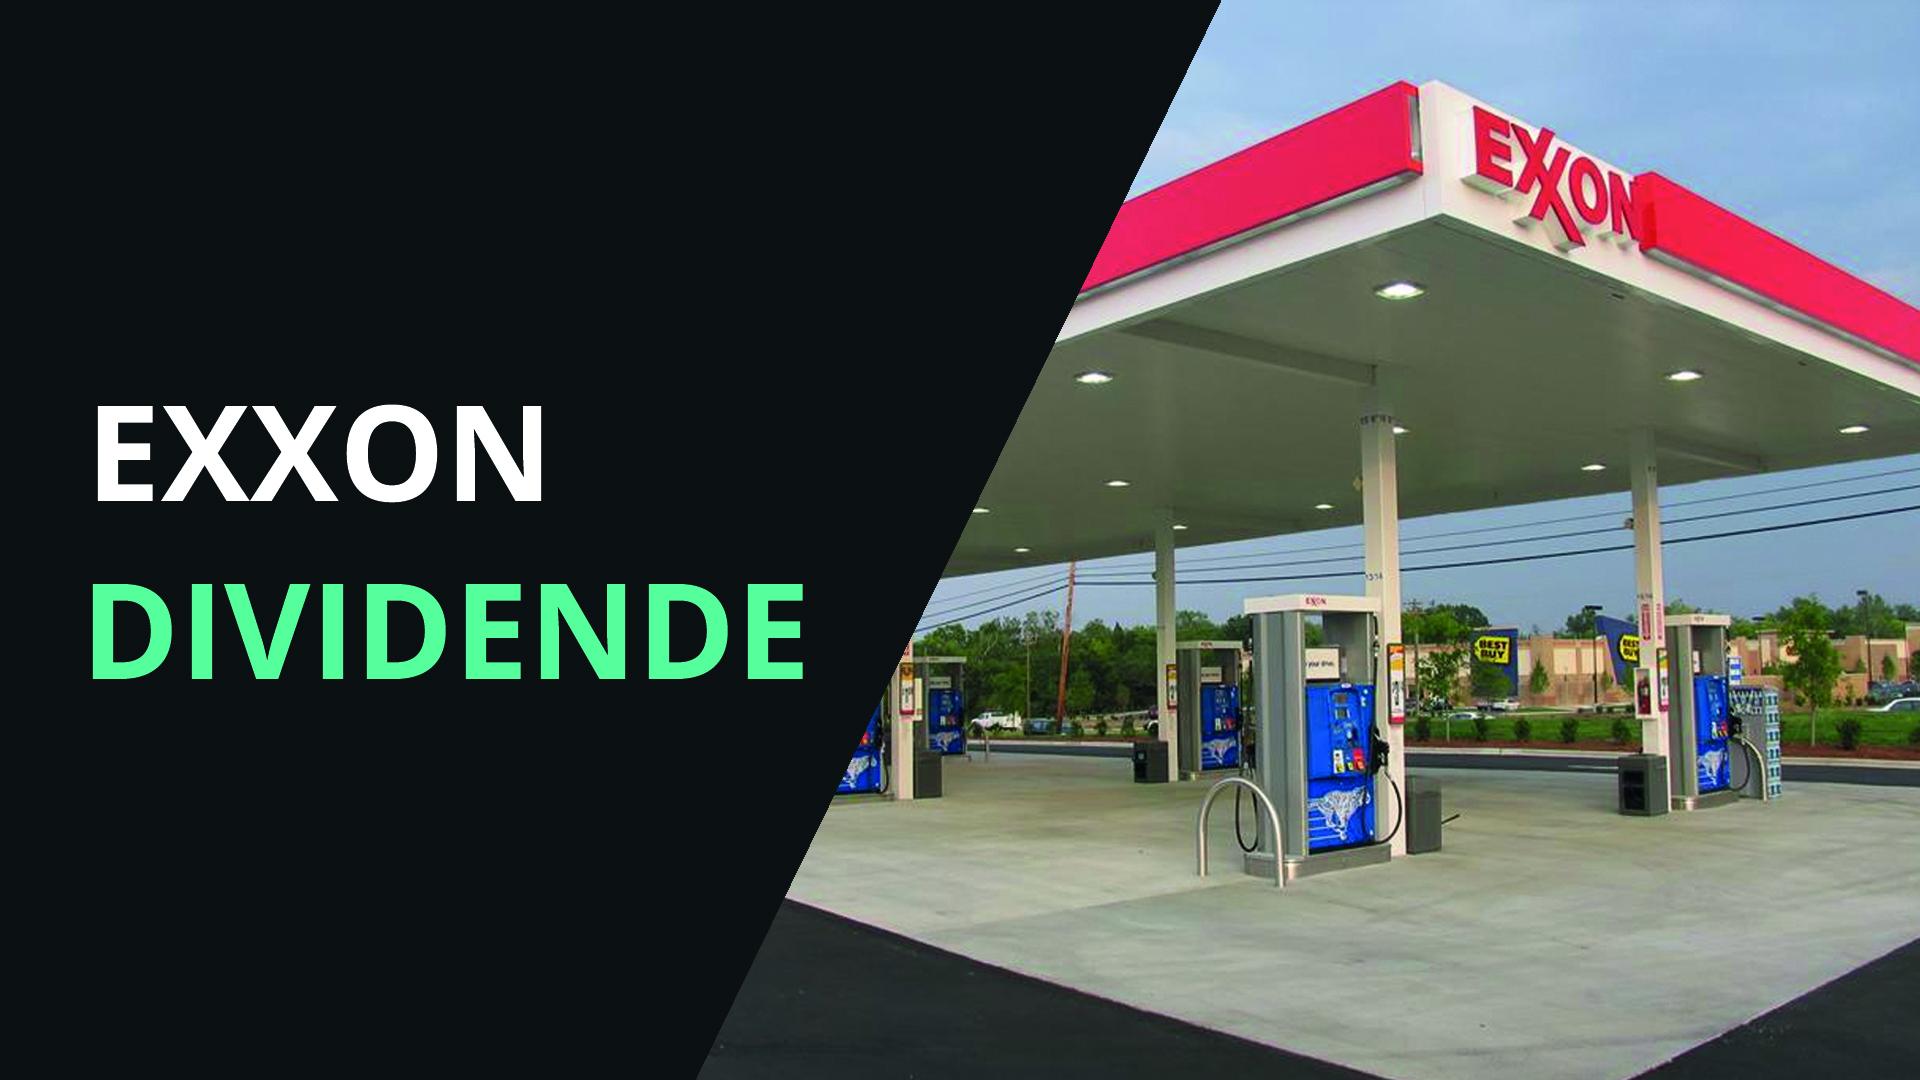 Exxon Dividende